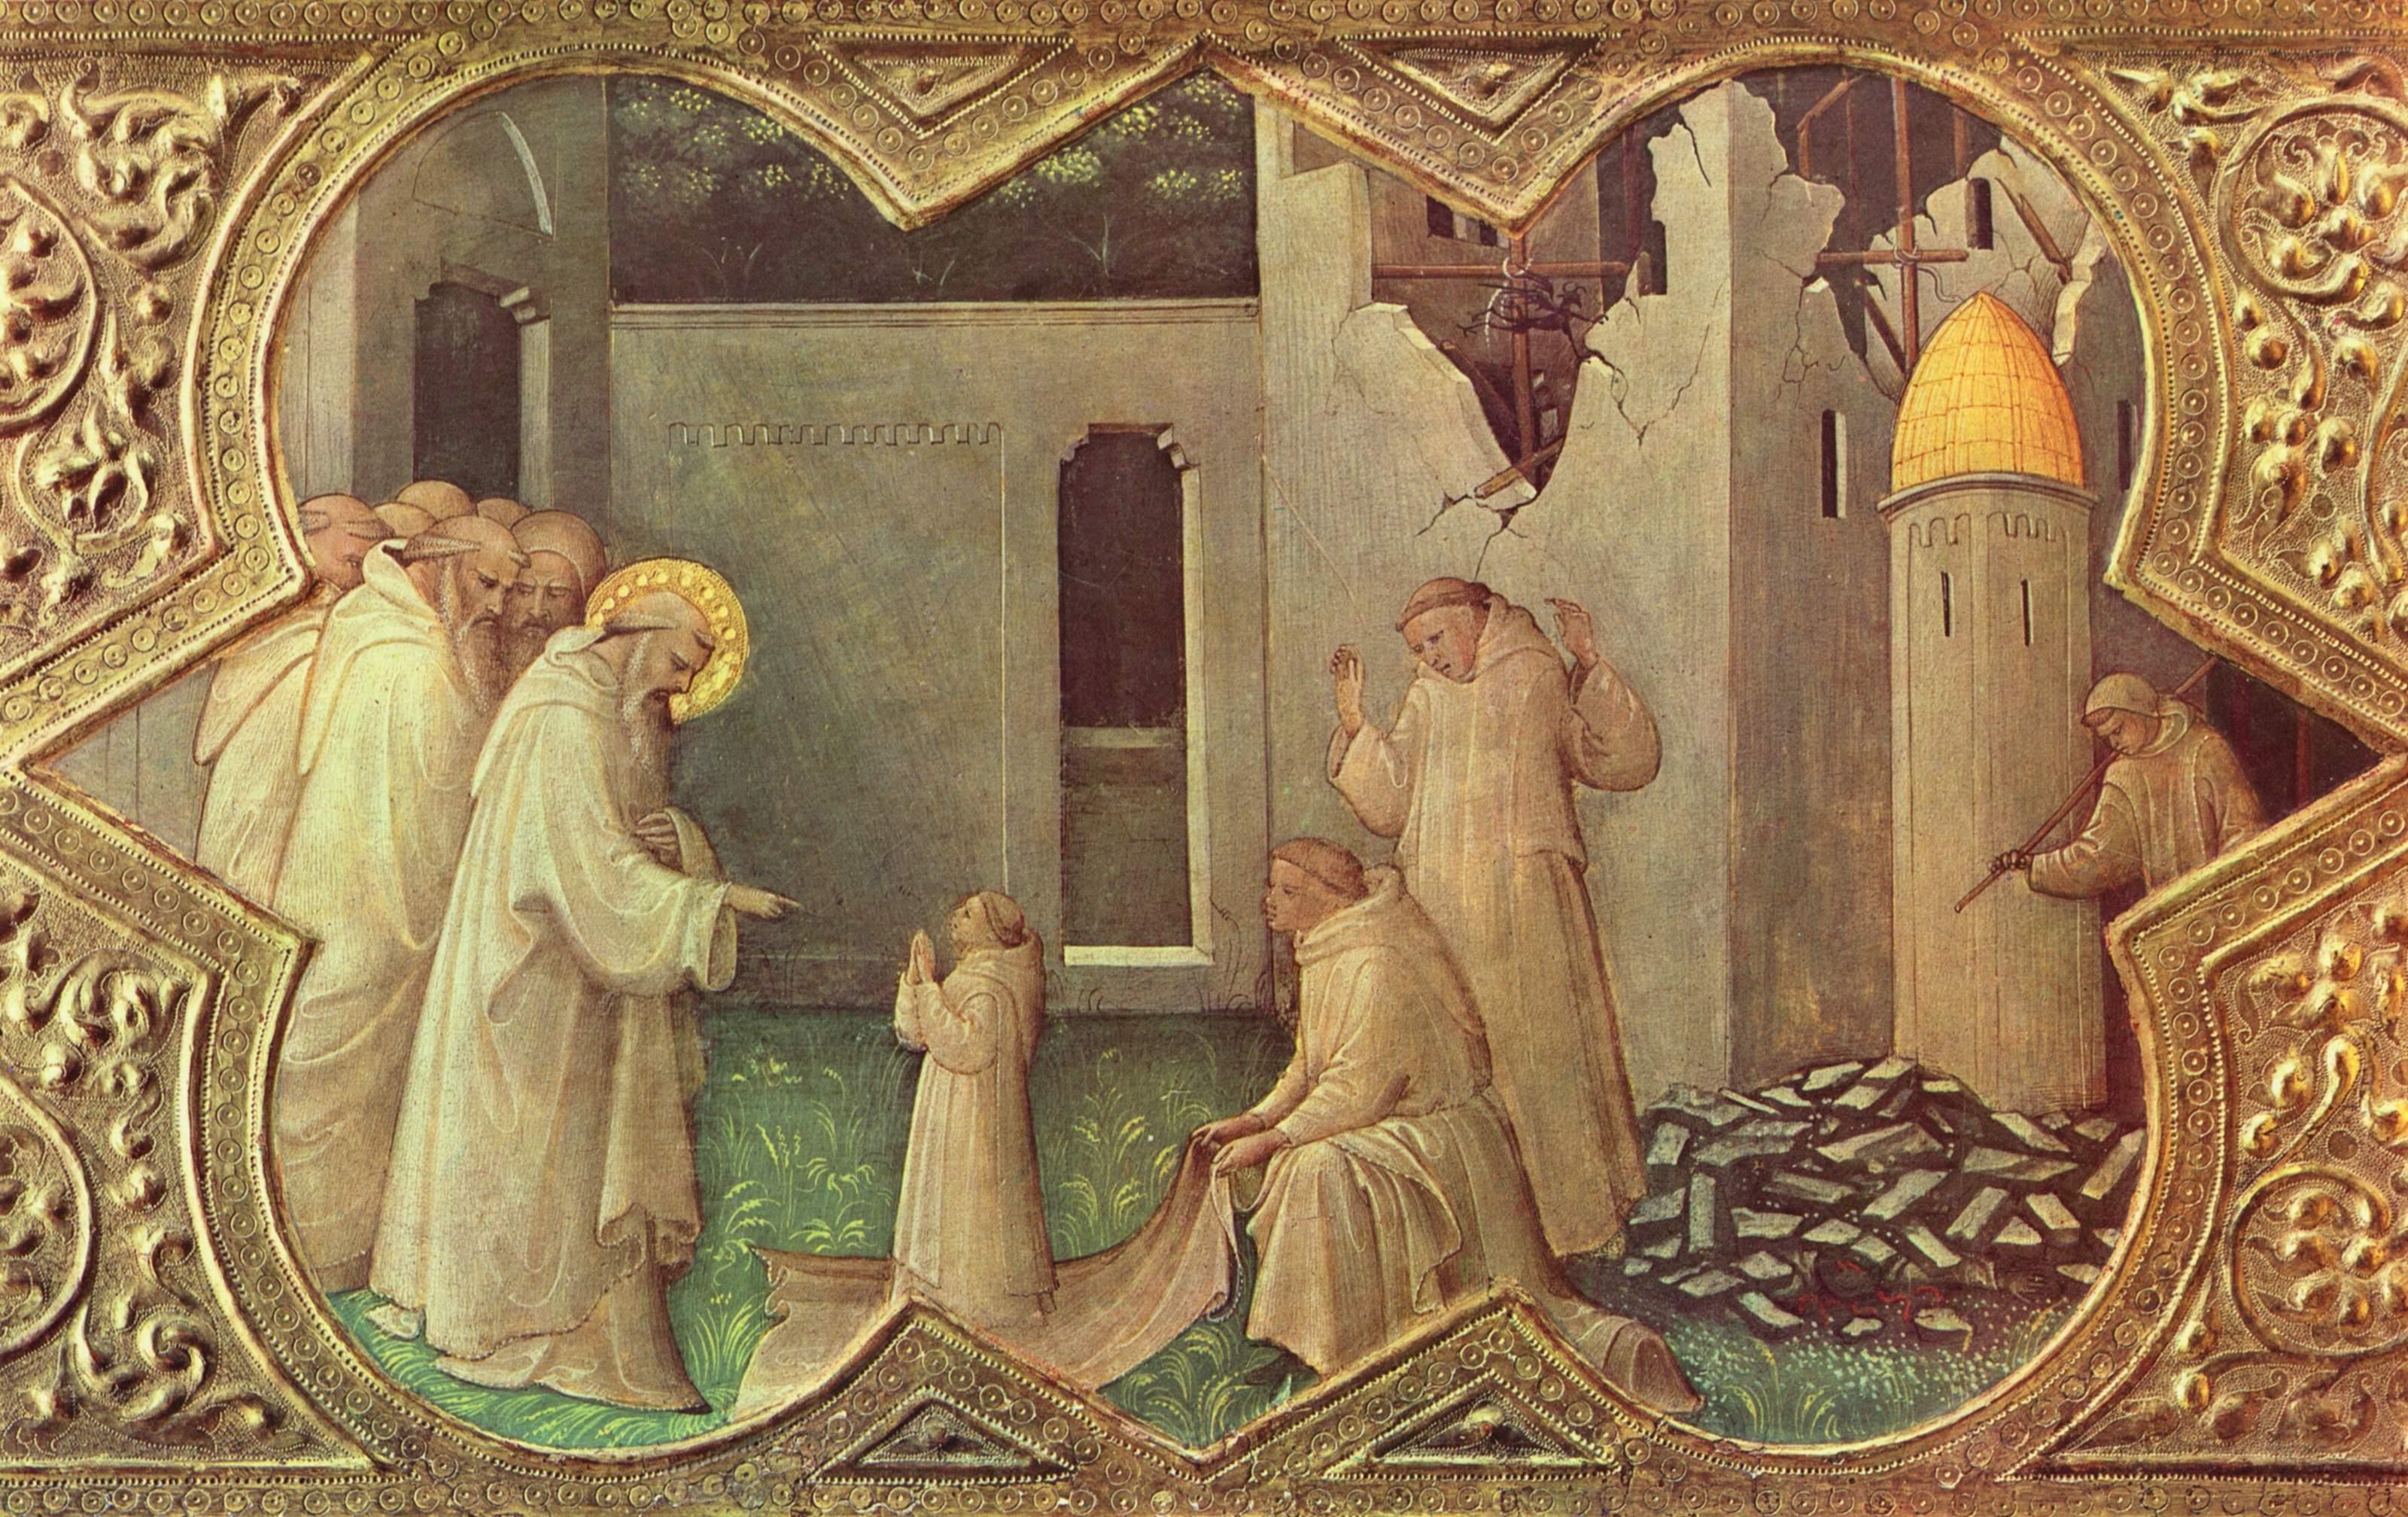 Lorenzo Monaco, Incoronazione della vergine part. della predella, 1414, Firenze, Galleria degli Uffizi. Opera restaurata da Ettore Franchi.